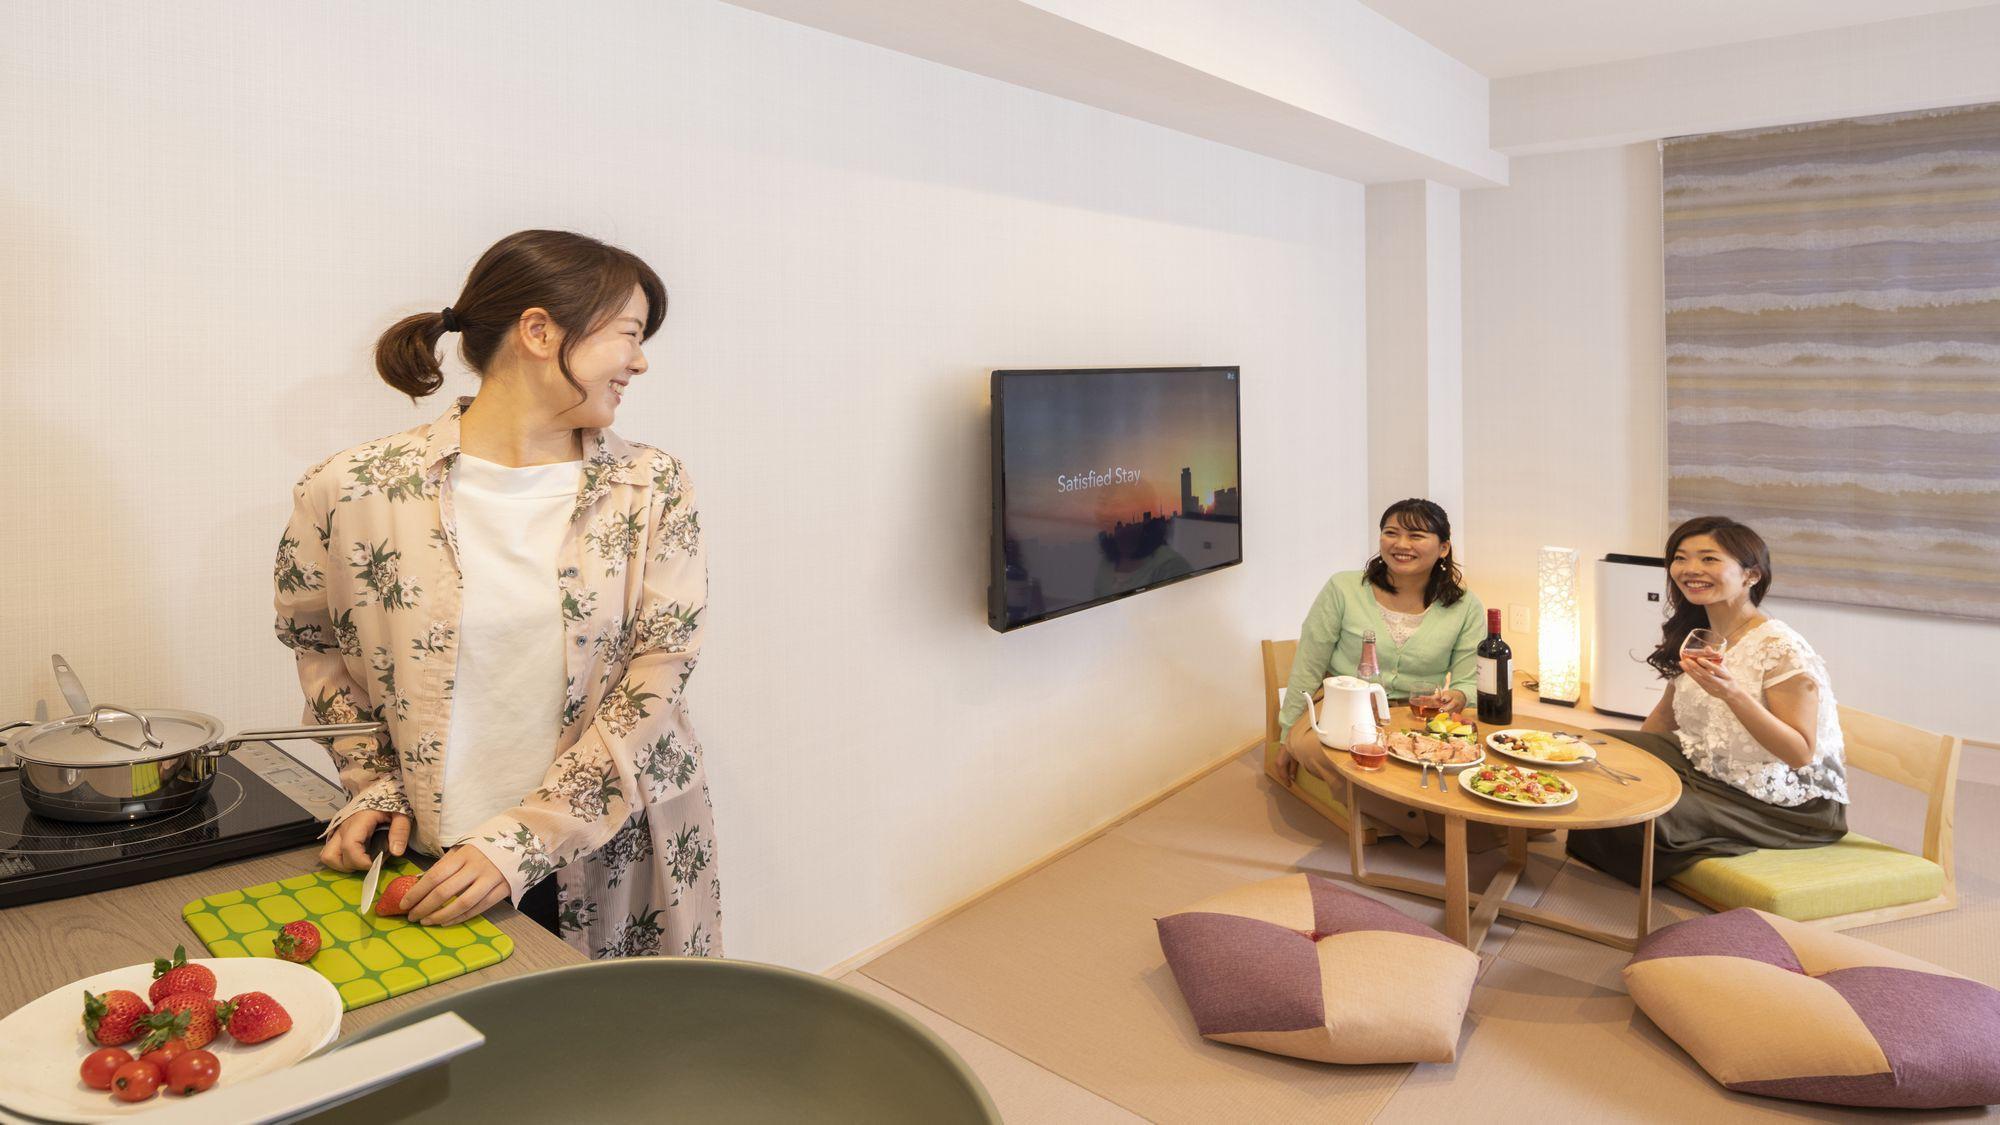 【レジデンシャルファミリールーム/和洋室】IHヒーターを設置のミニキッチン付き客室